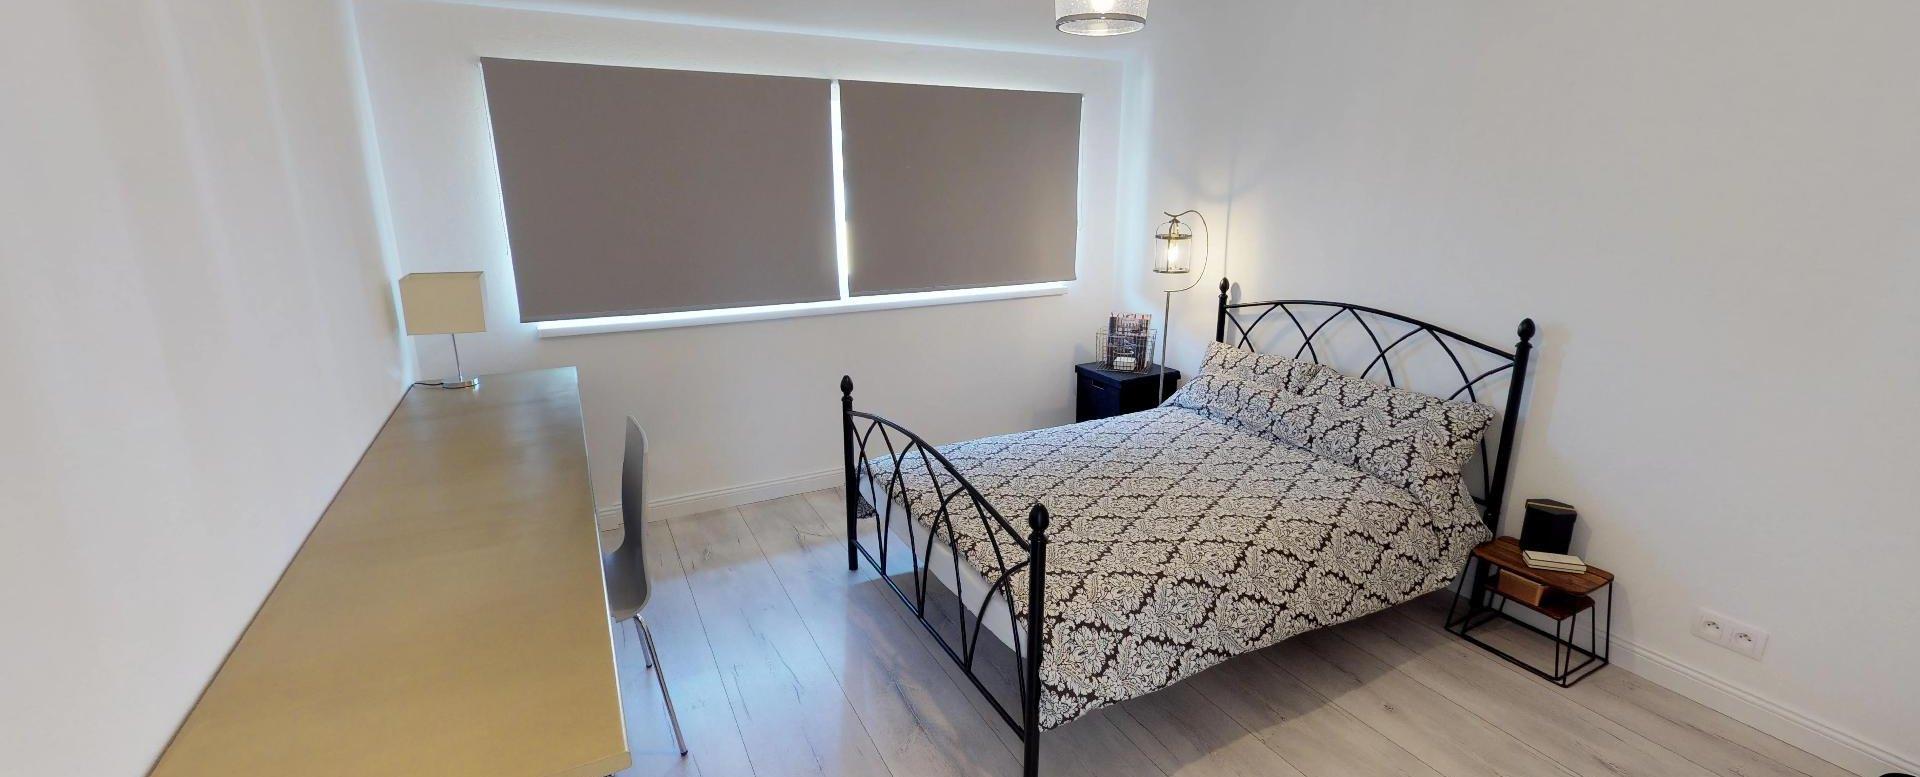 pekná spálňa